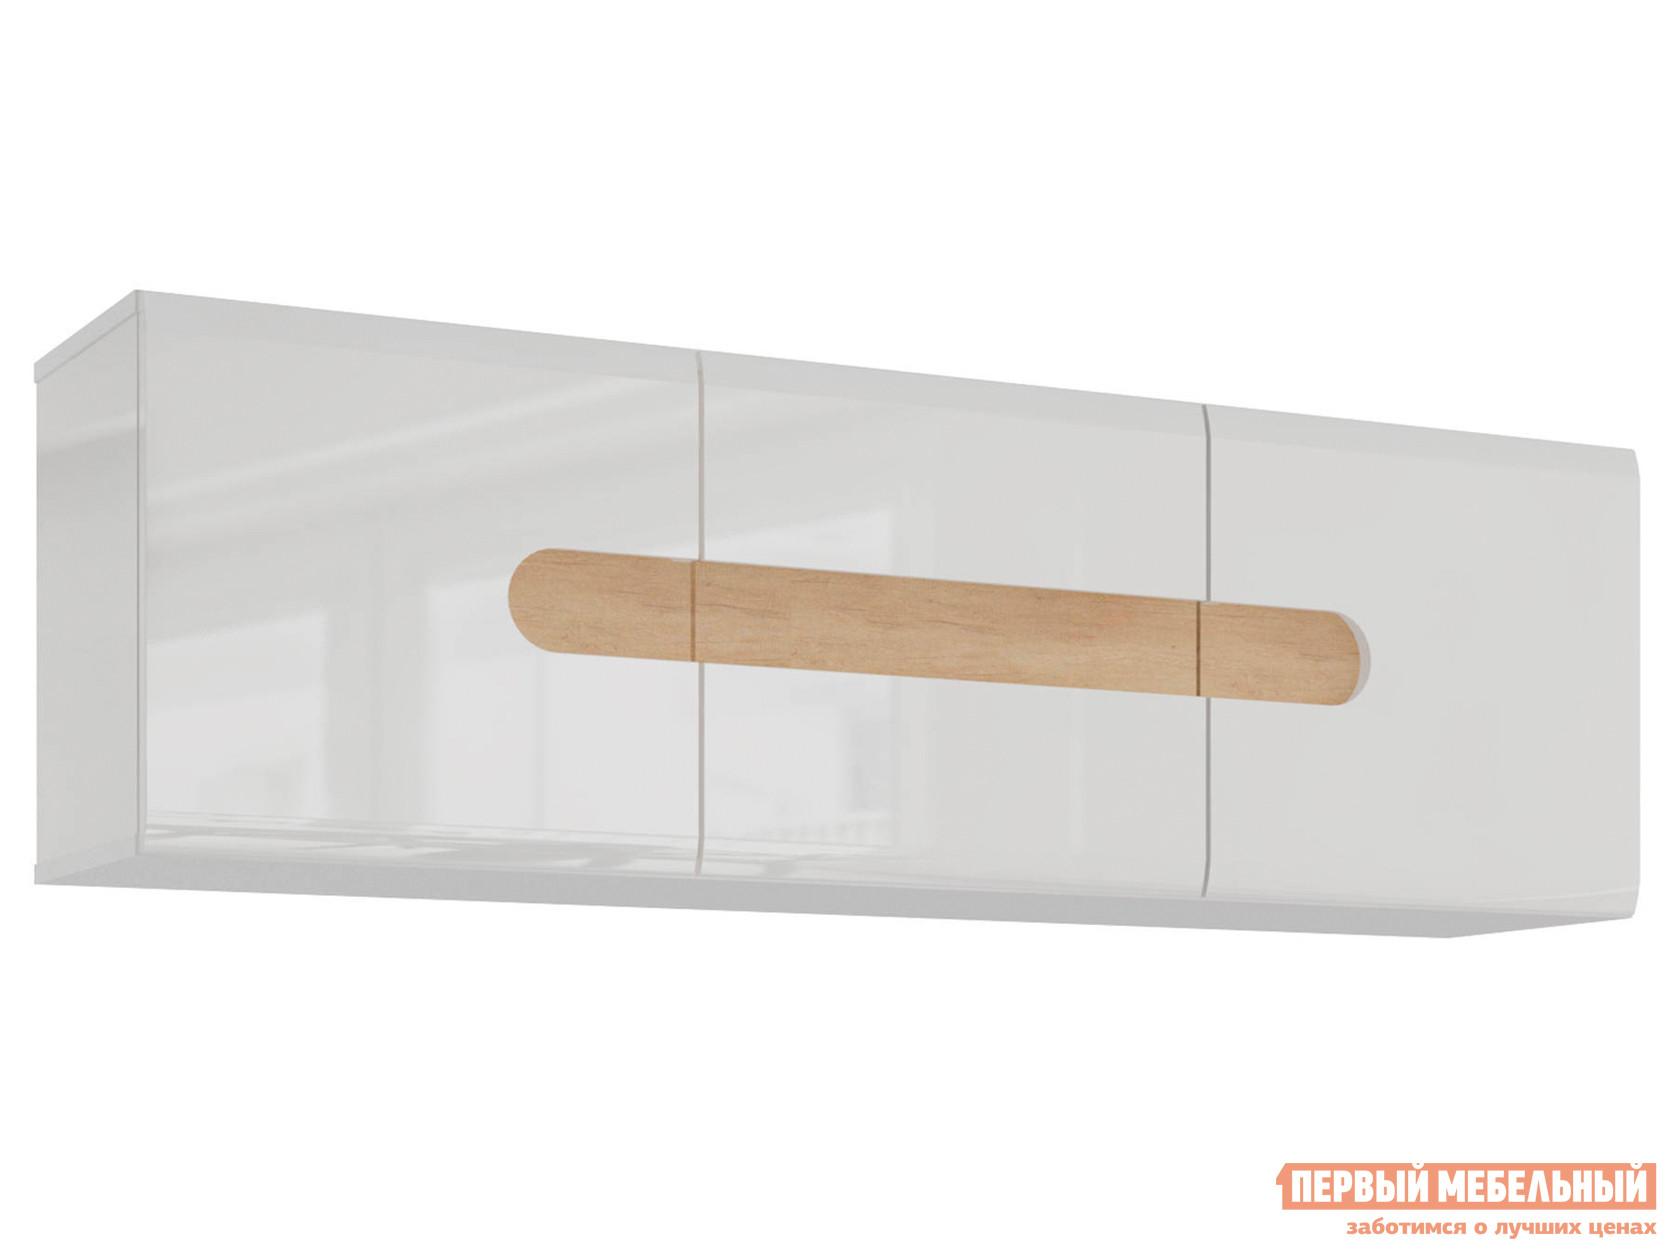 Навесной шкаф Первый Мебельный Полка навесная Кальяри навесной шкаф первый мебельный шкаф навесной длинный маркиза